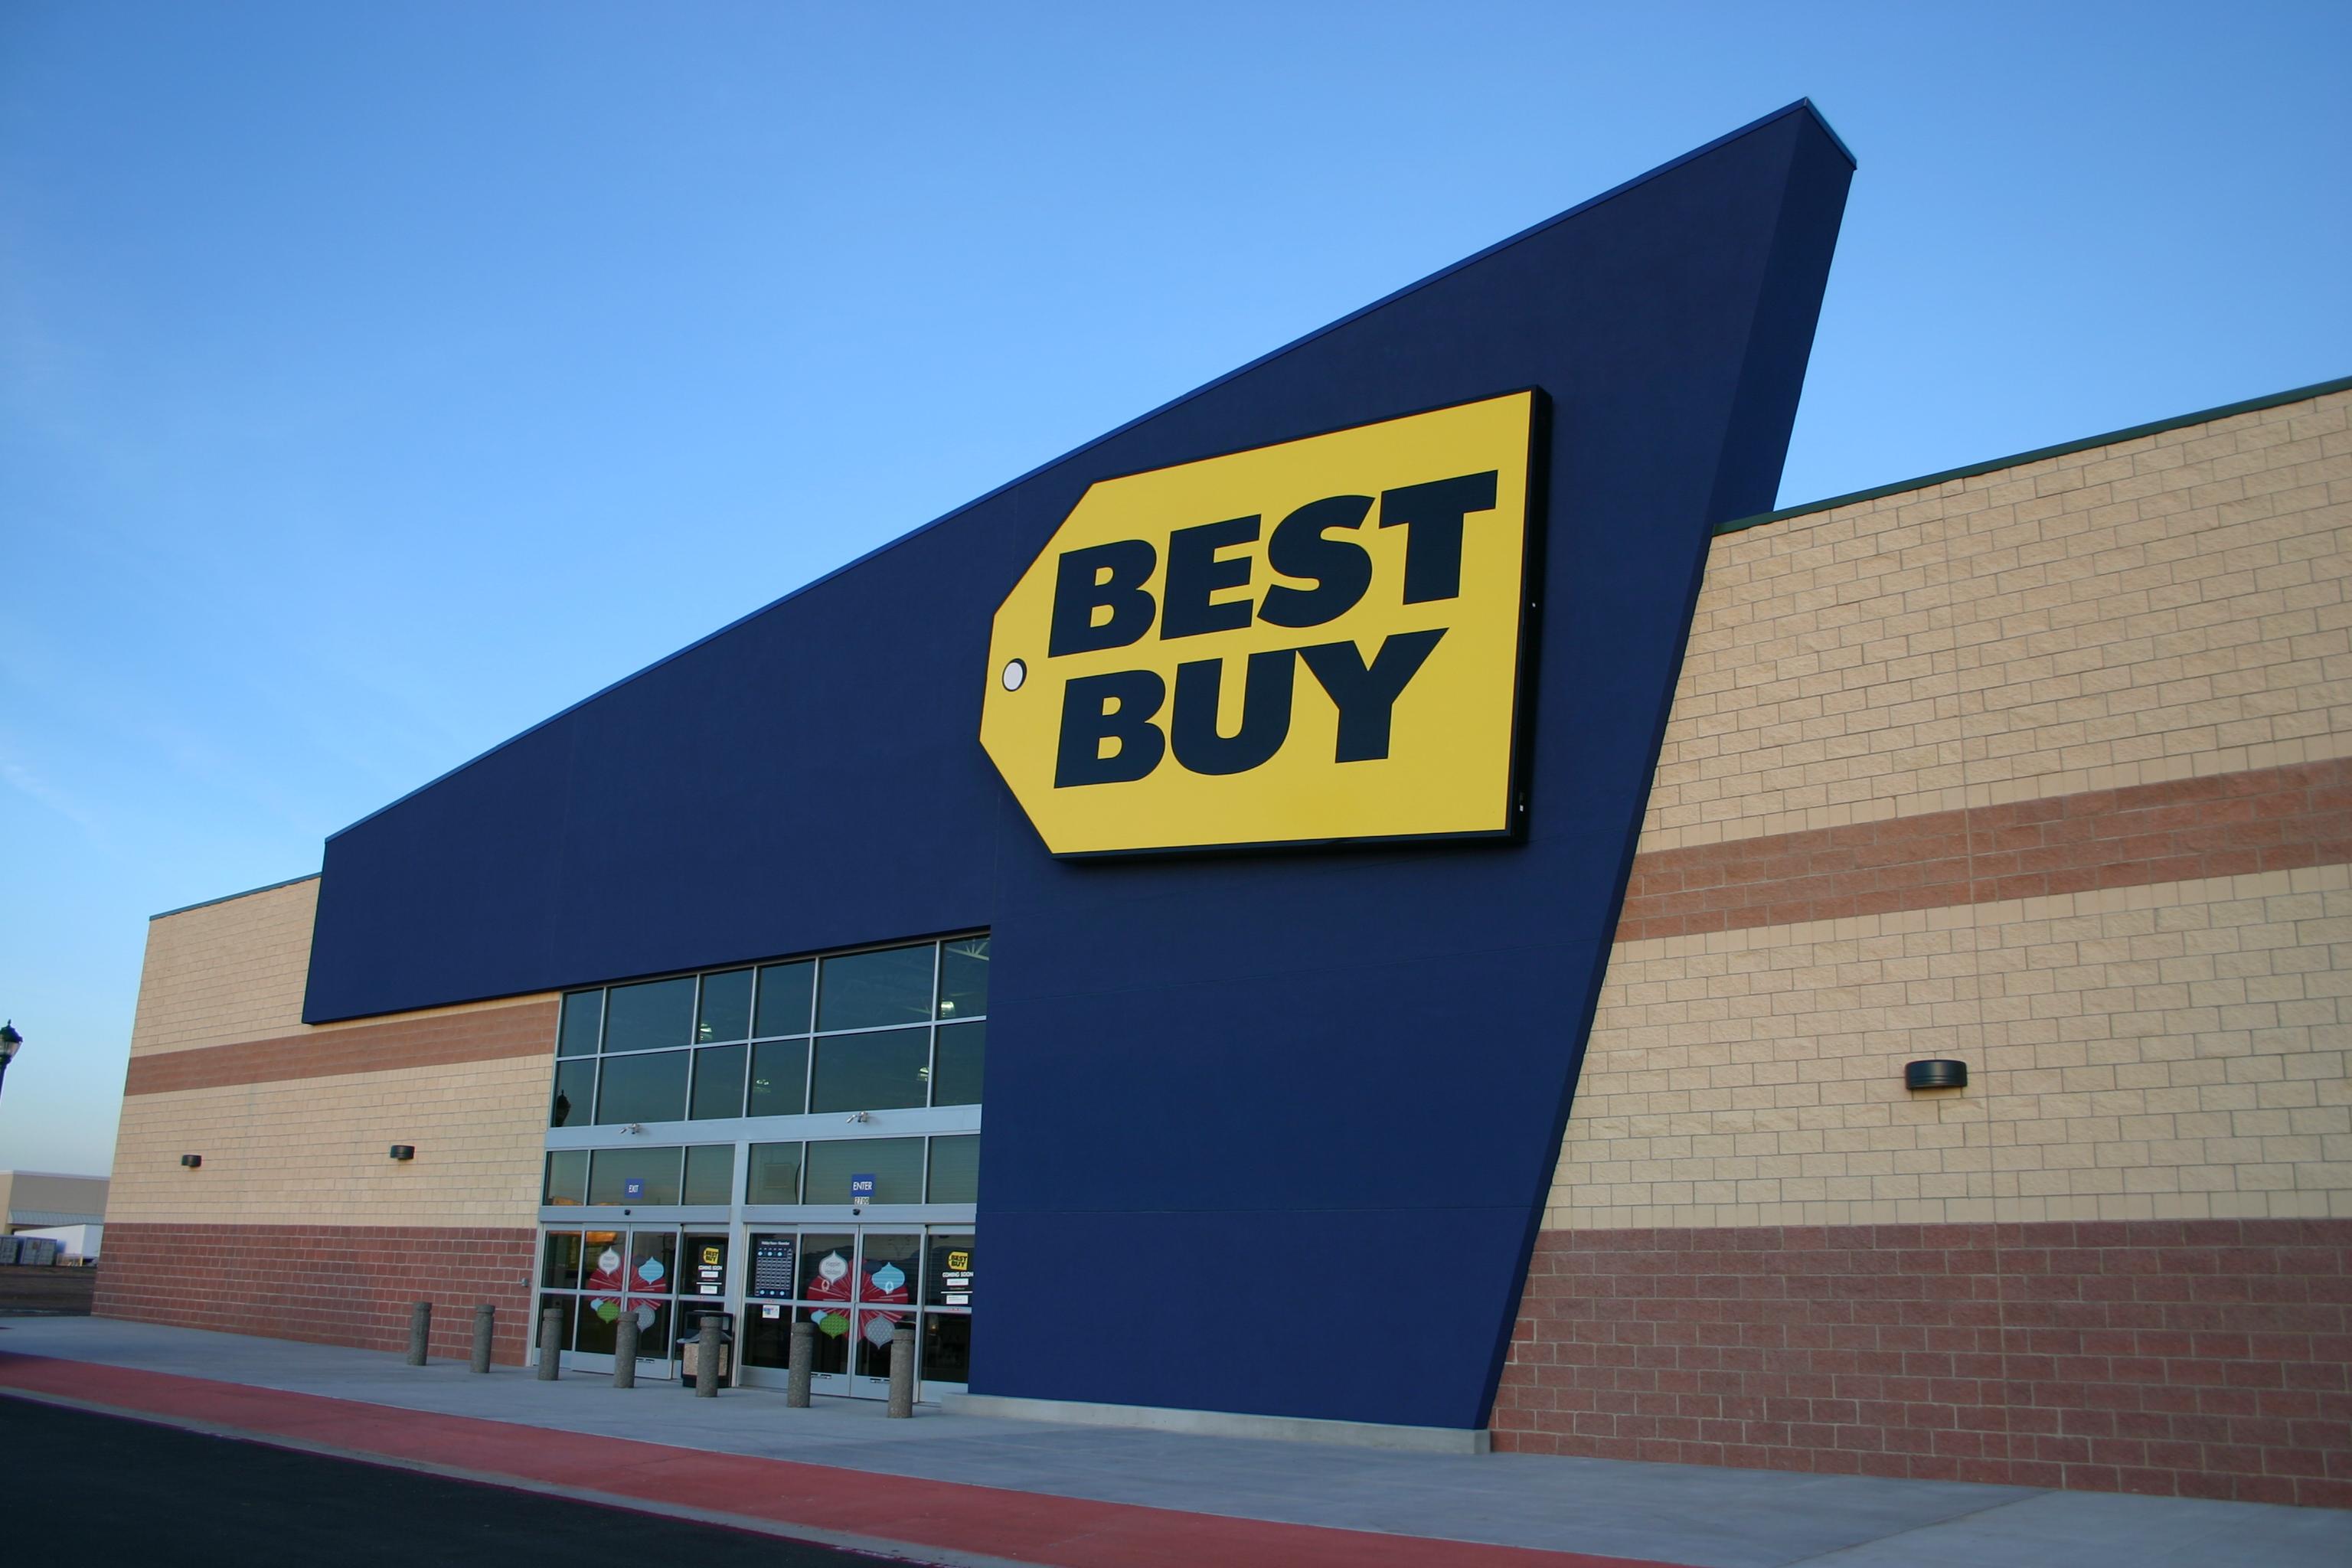 Era dominanței retailului mare a ajuns la sfârșit